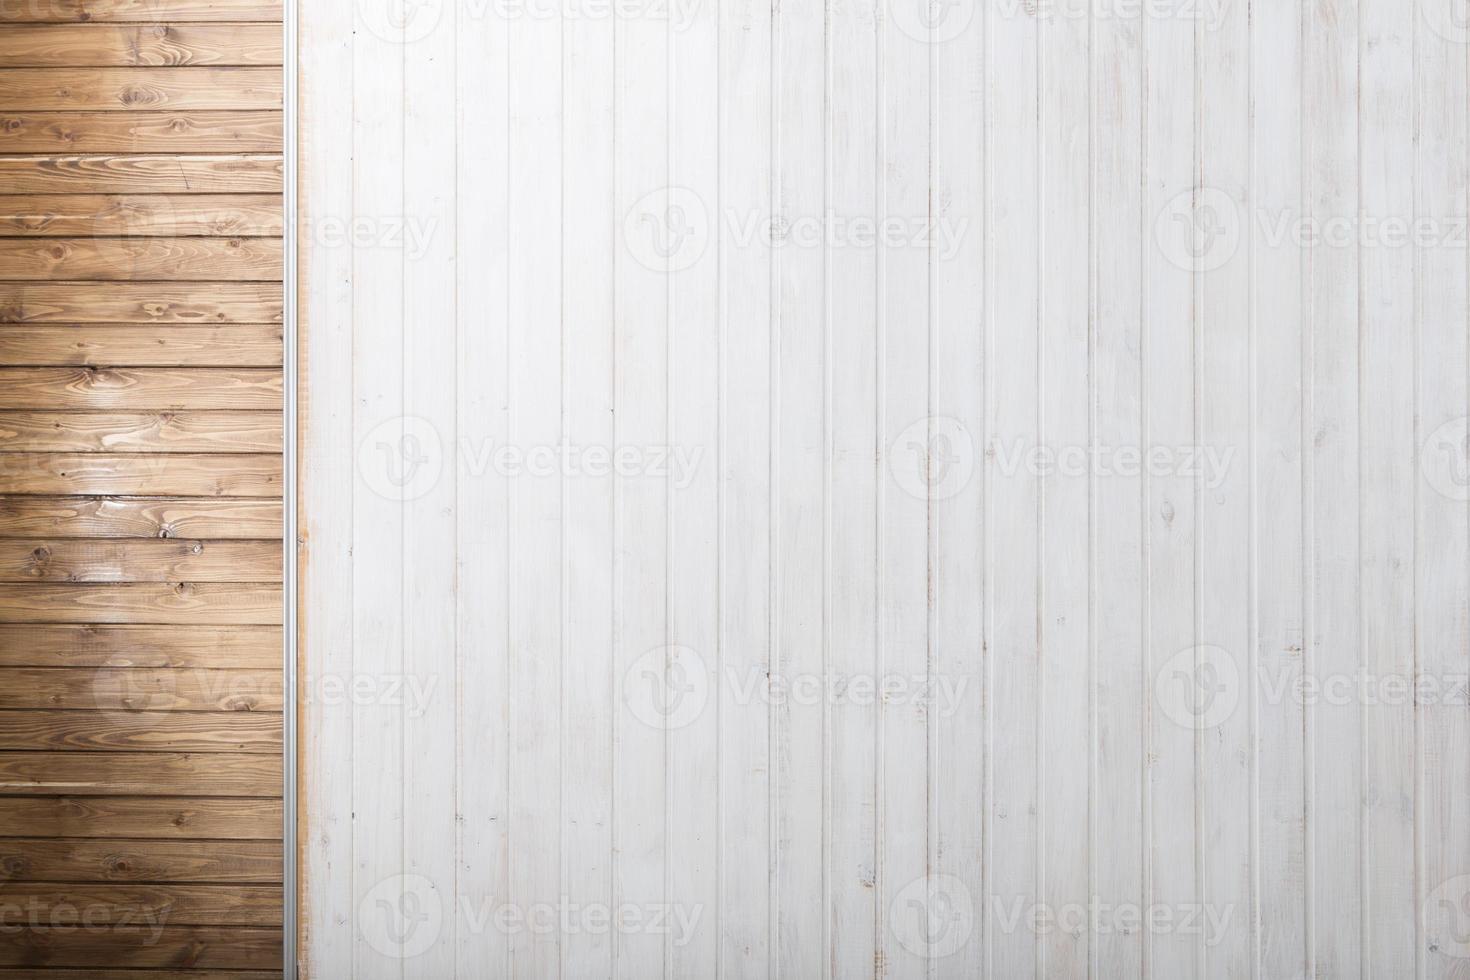 fondo de madera marrón y blanco foto